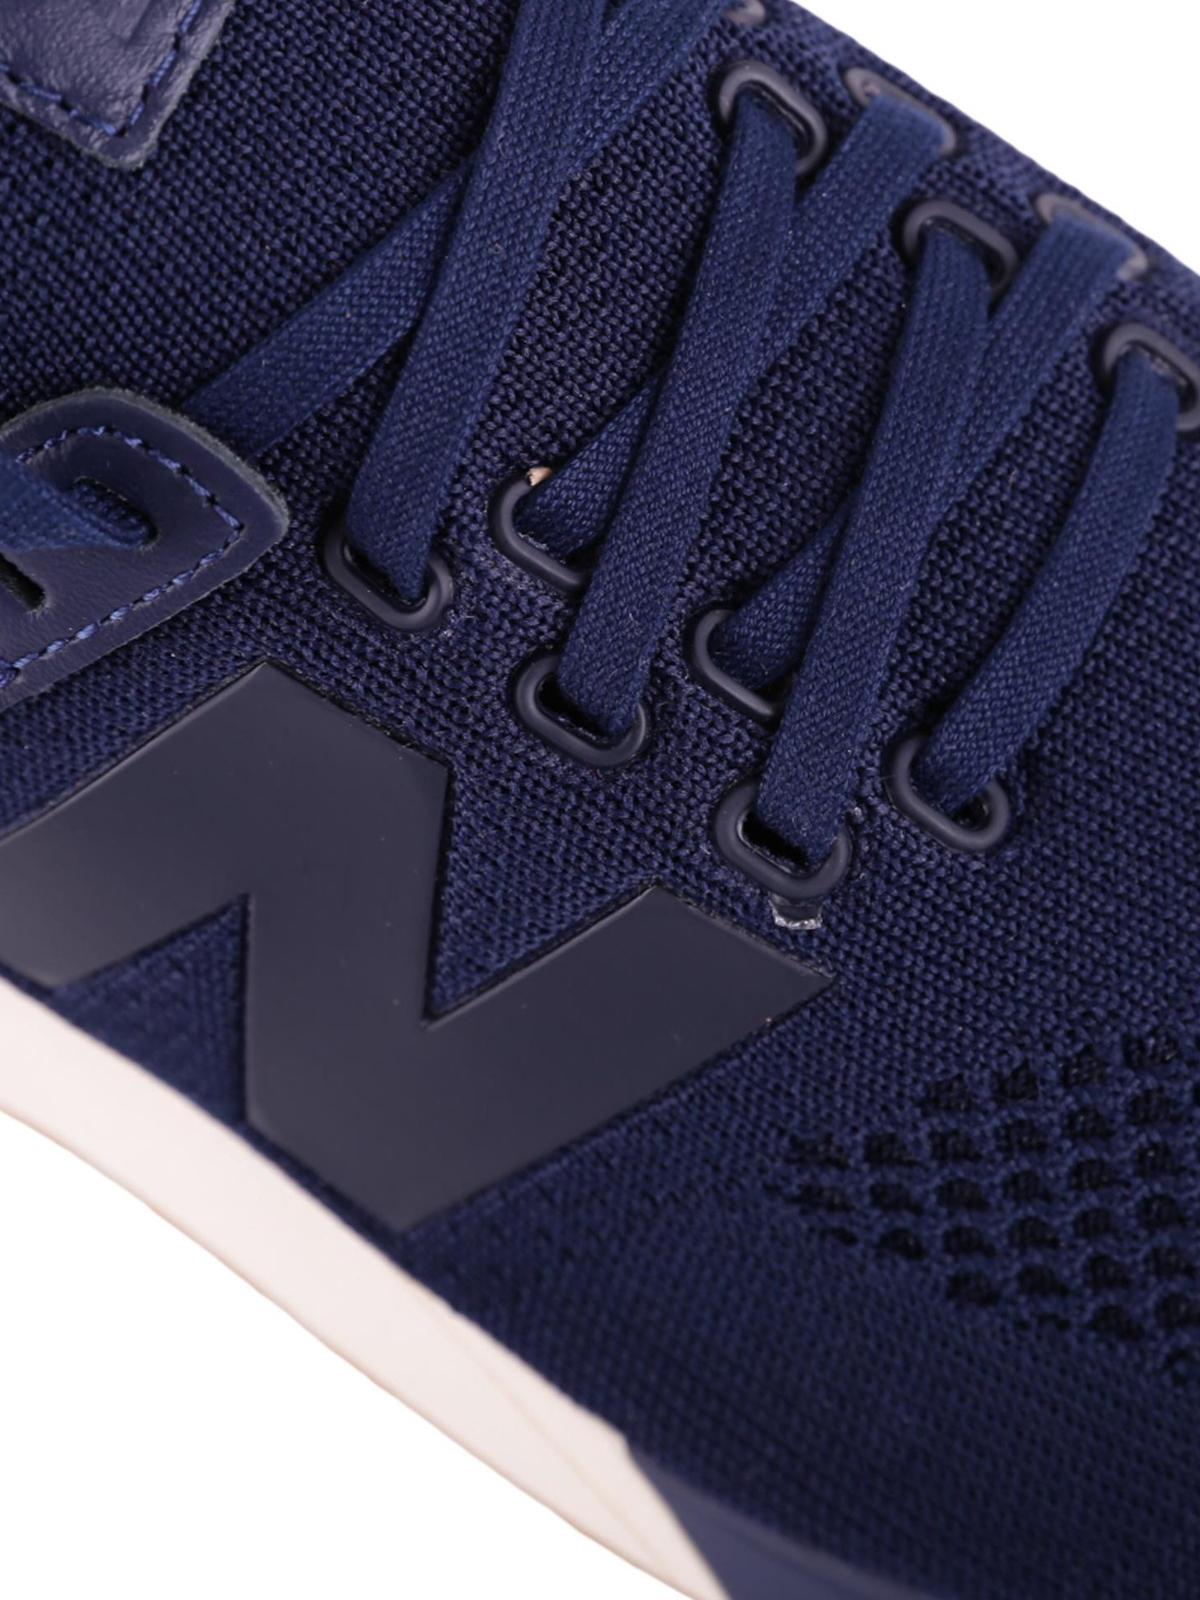 Scarpe di lusso Uomo New Balance 247 Sneakers stringate